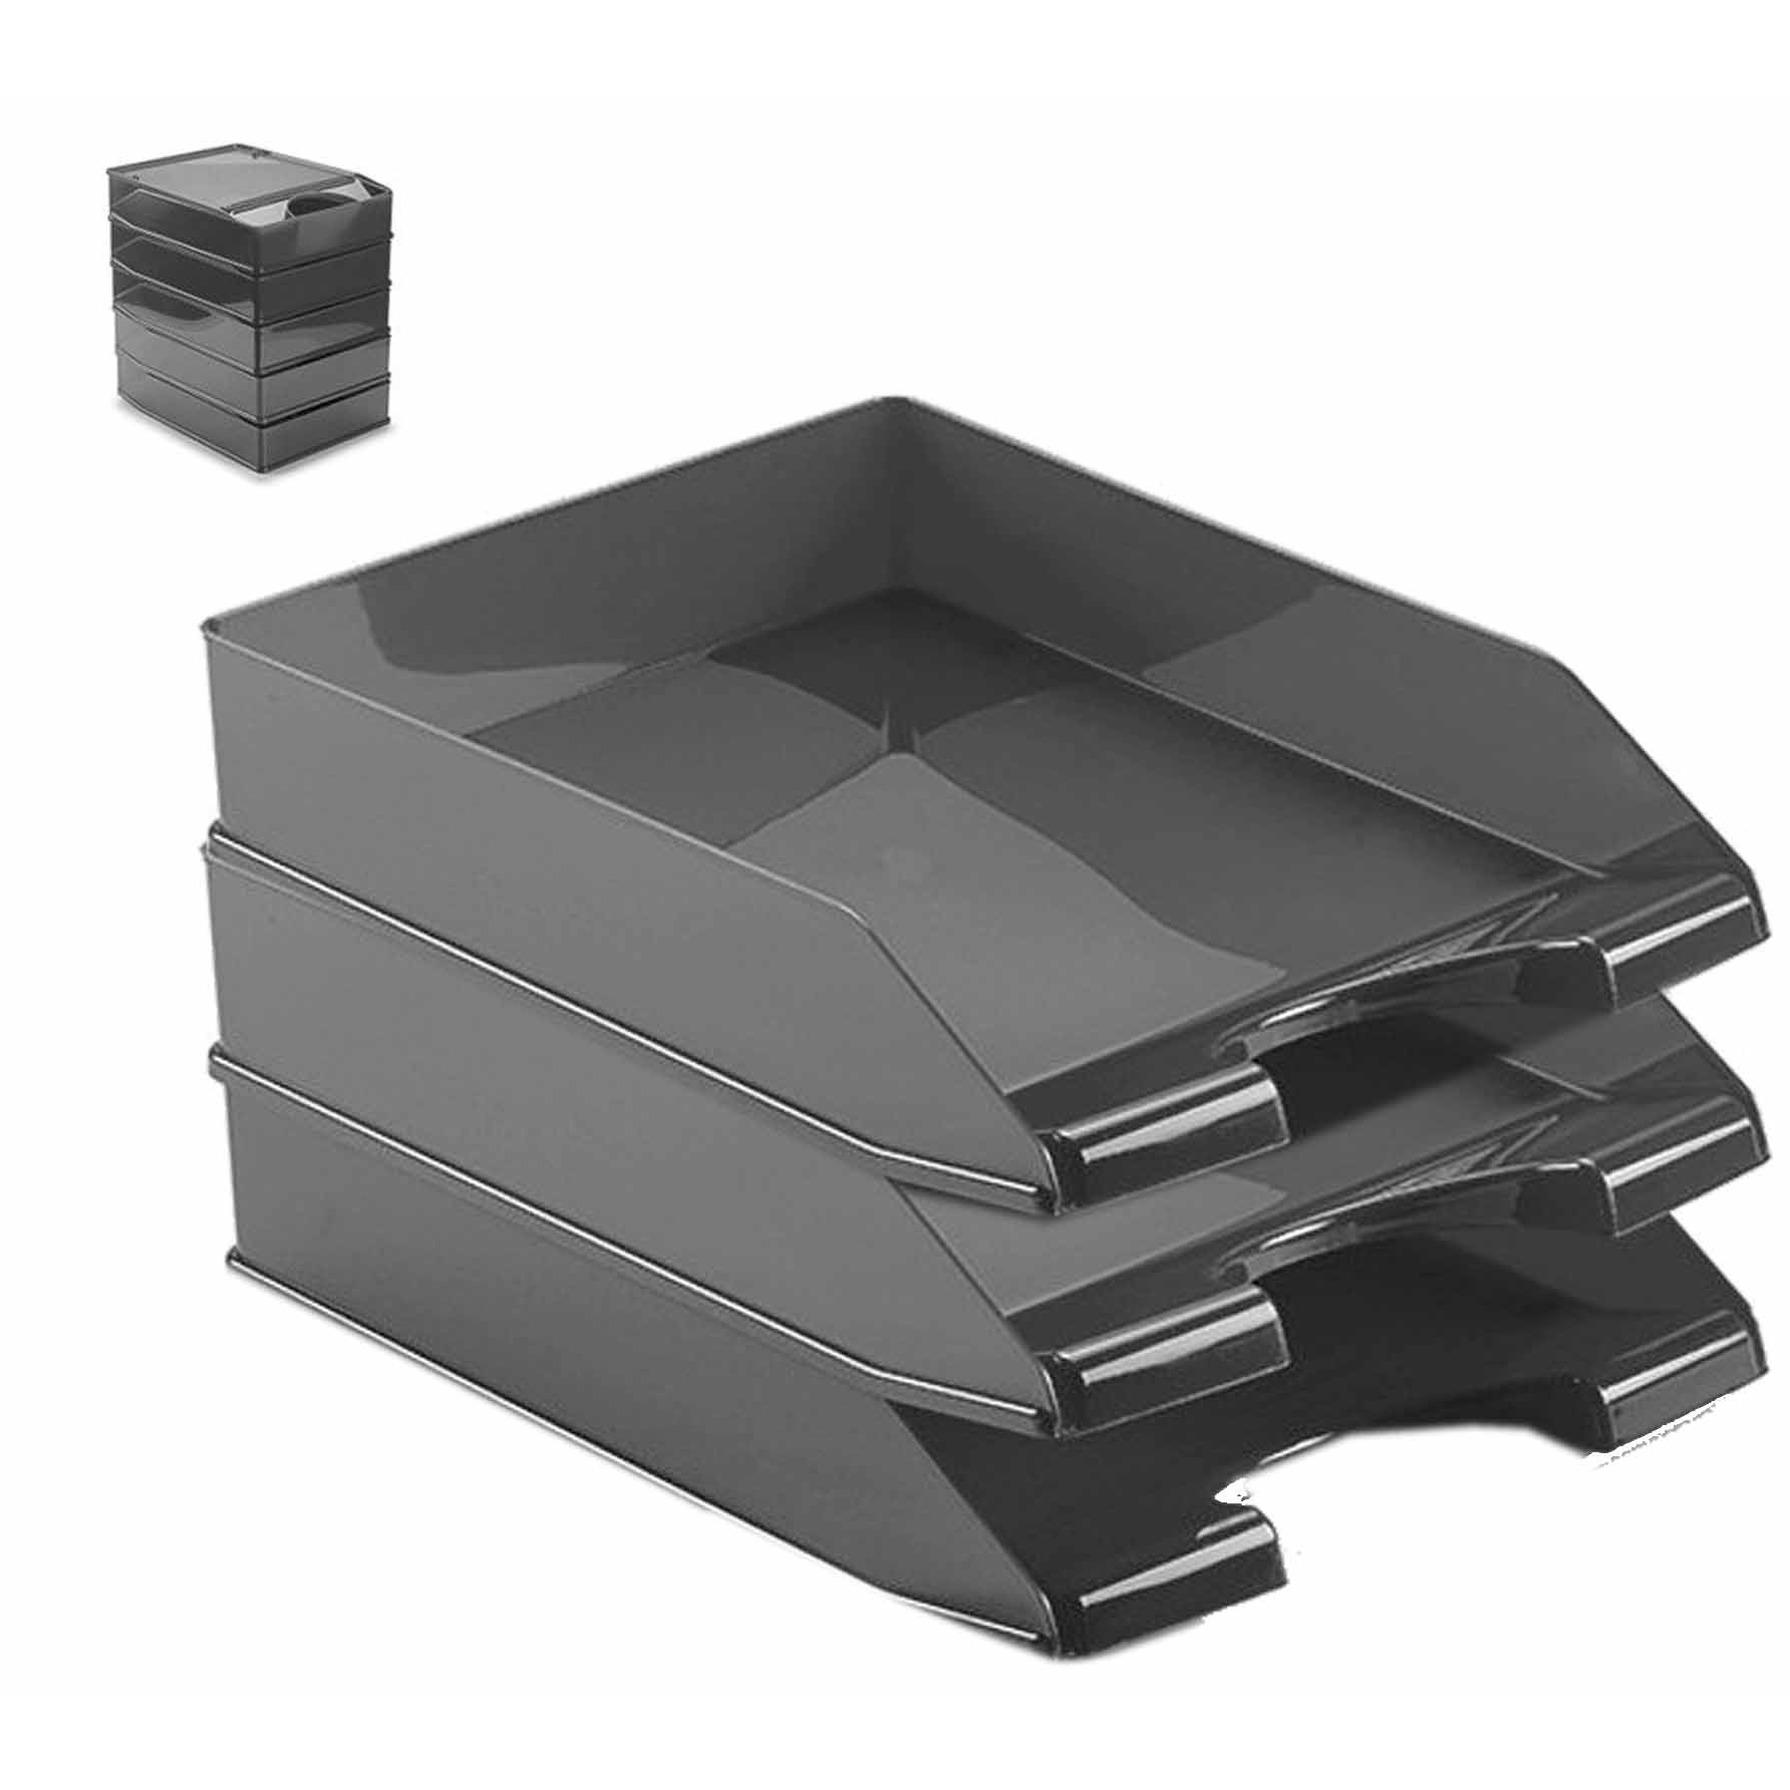 Pakket van 4x stuks postbakjejes zwart a4 formaat